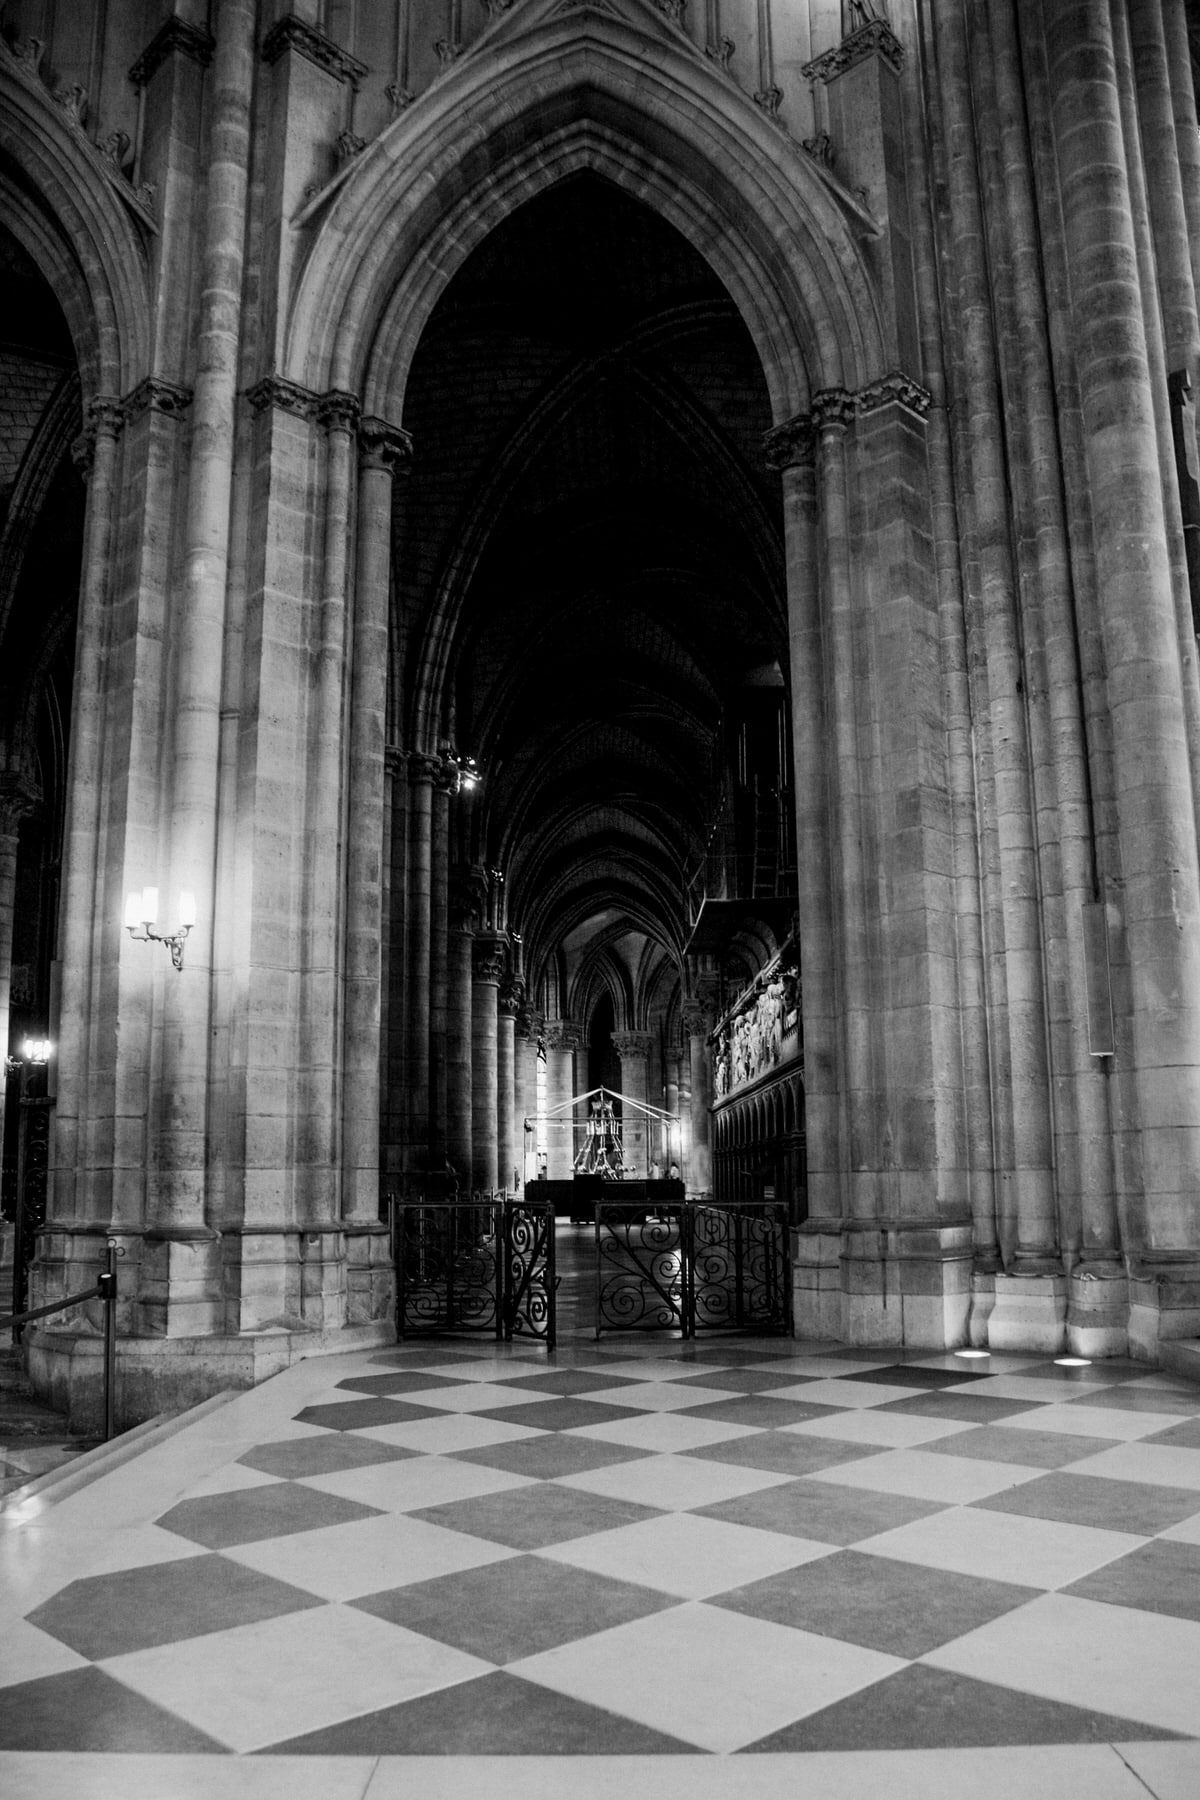 Notre-Dame-Paris-France-fine-art-photography-by-Studio-L-photographer-Laura-Schneider-_4969